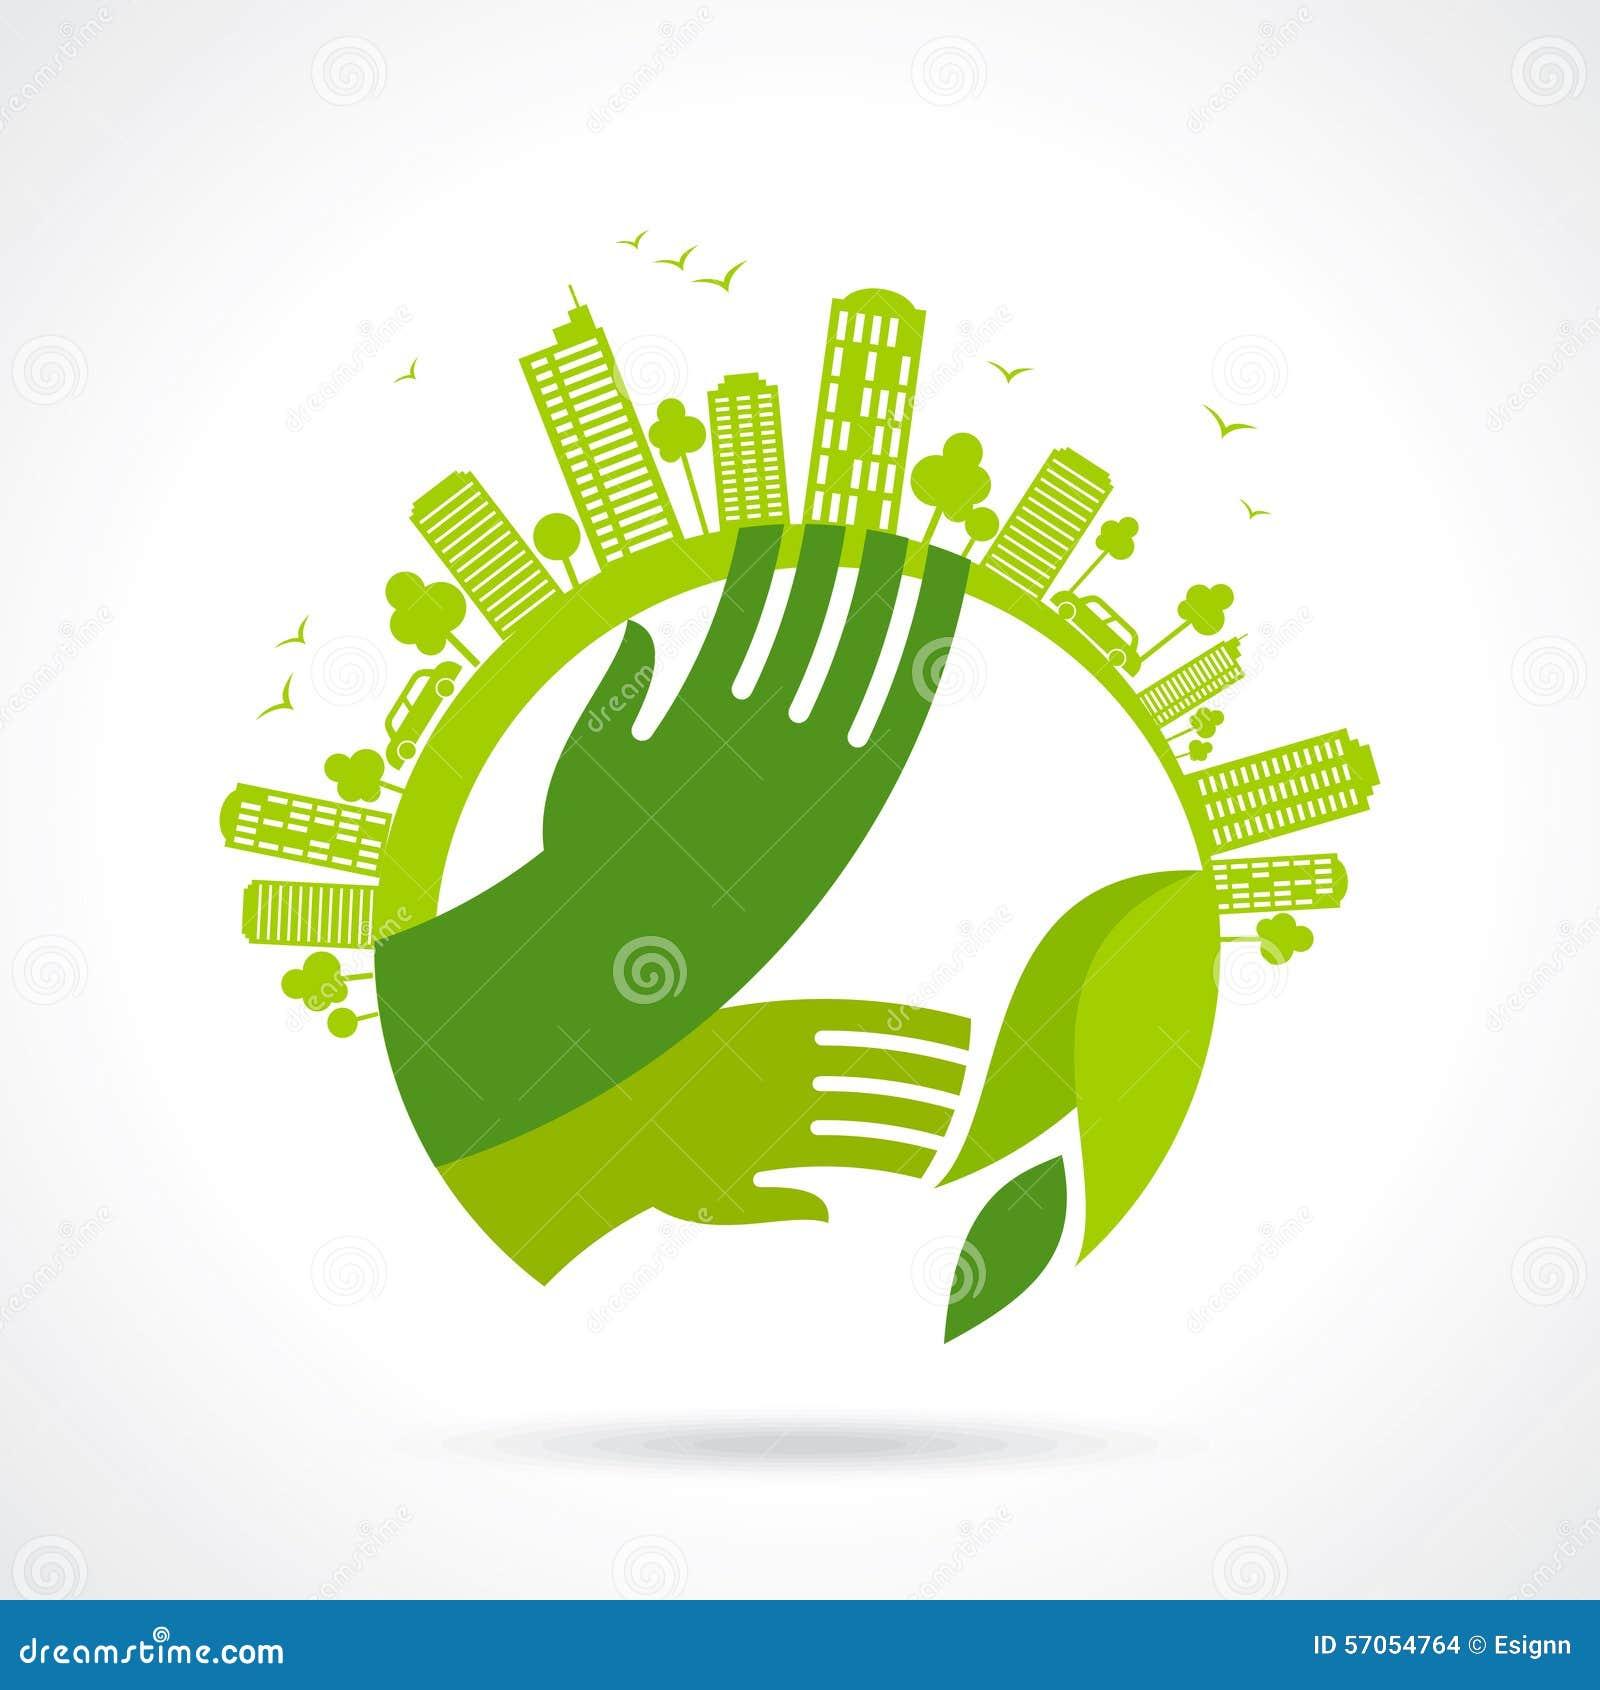 Ecologische symbolen en tekens, de handen van de mens en groene het groeien installaties